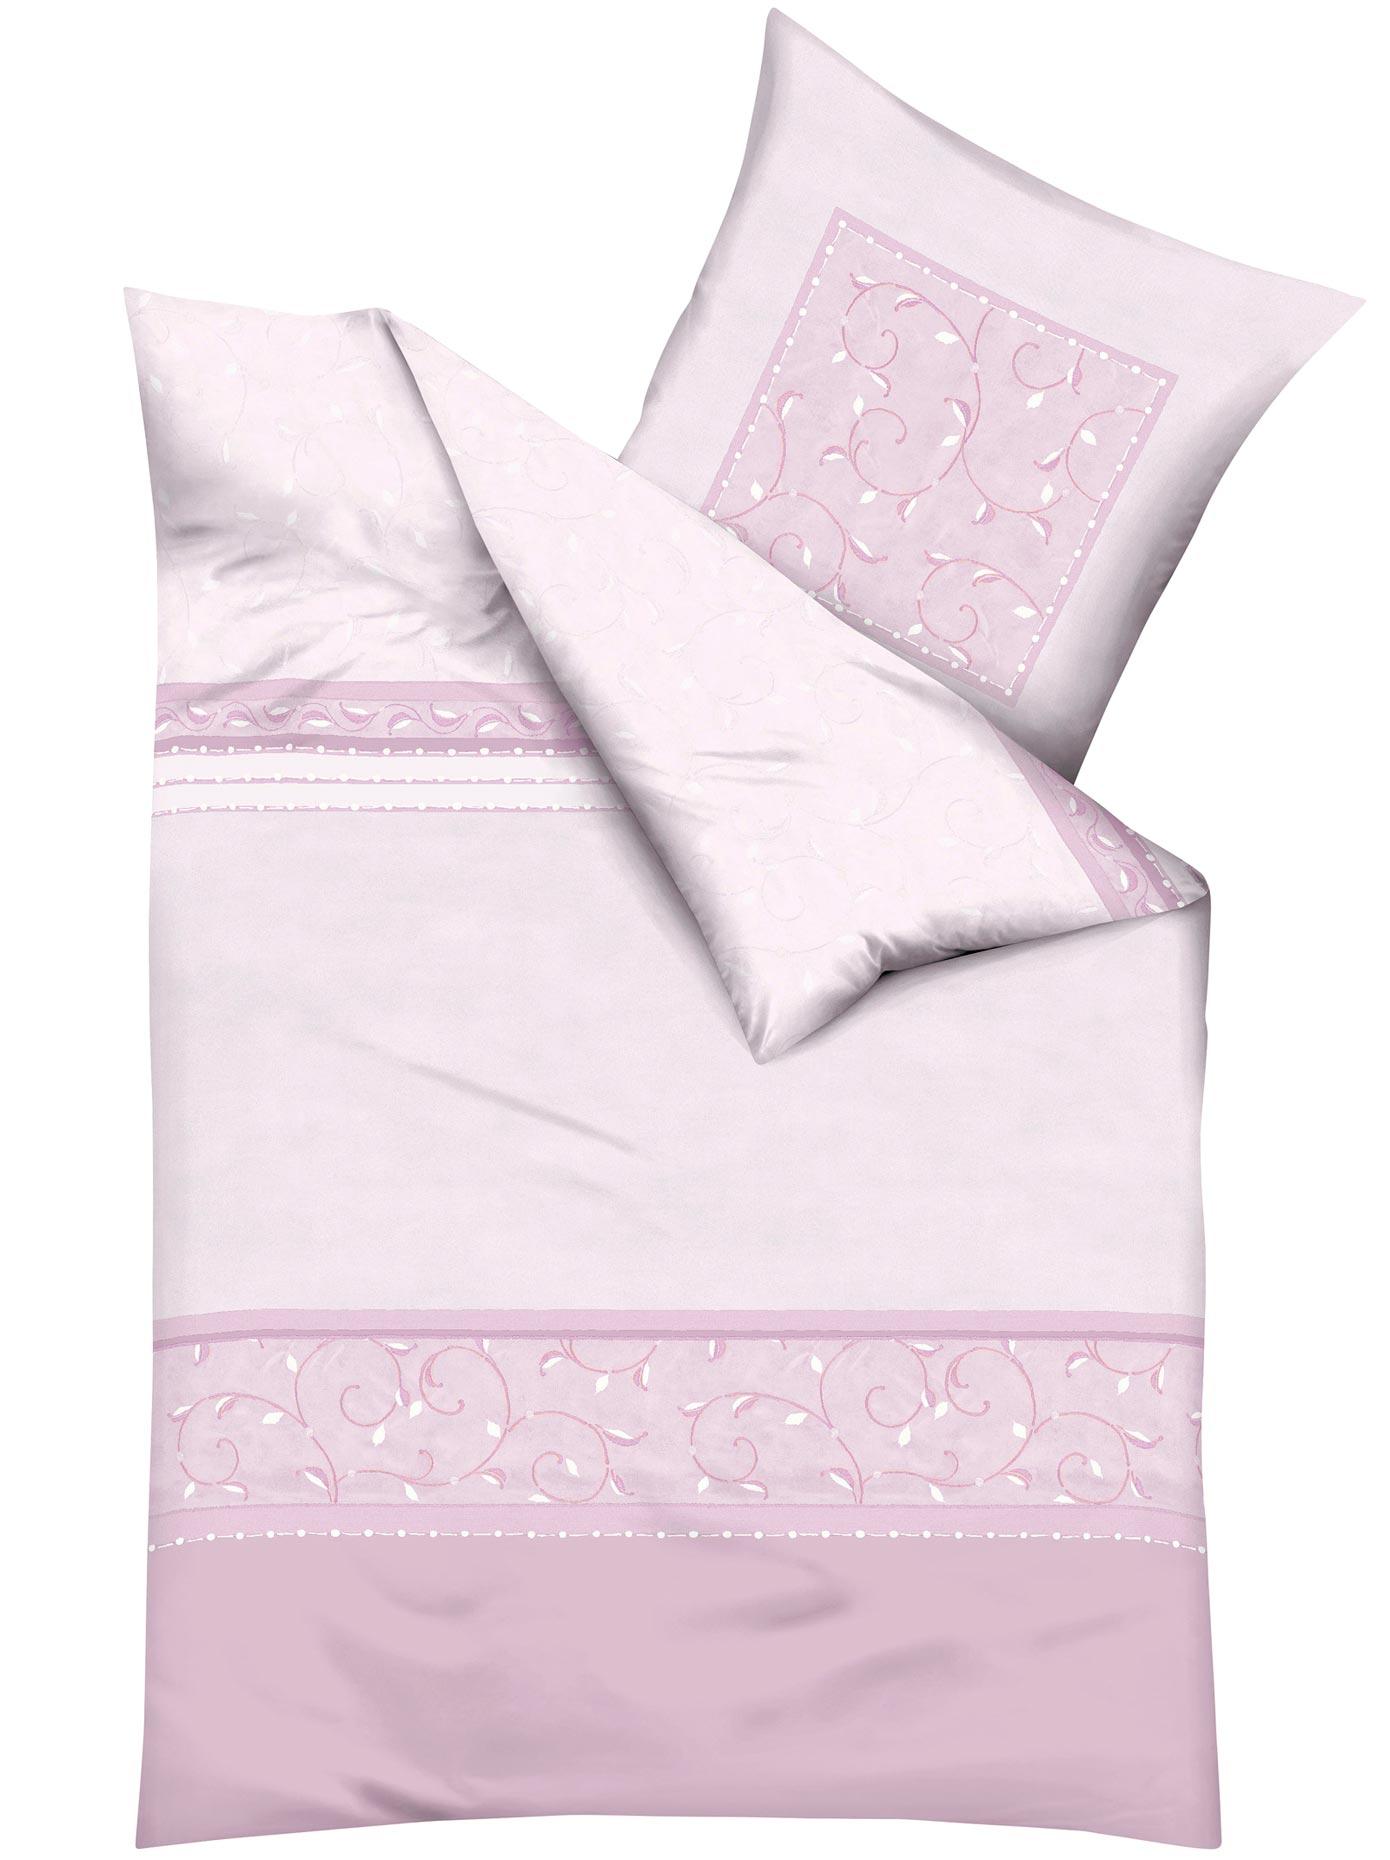 Kaeppel Bettwäsche 2tlg Auf Rechnung Baur